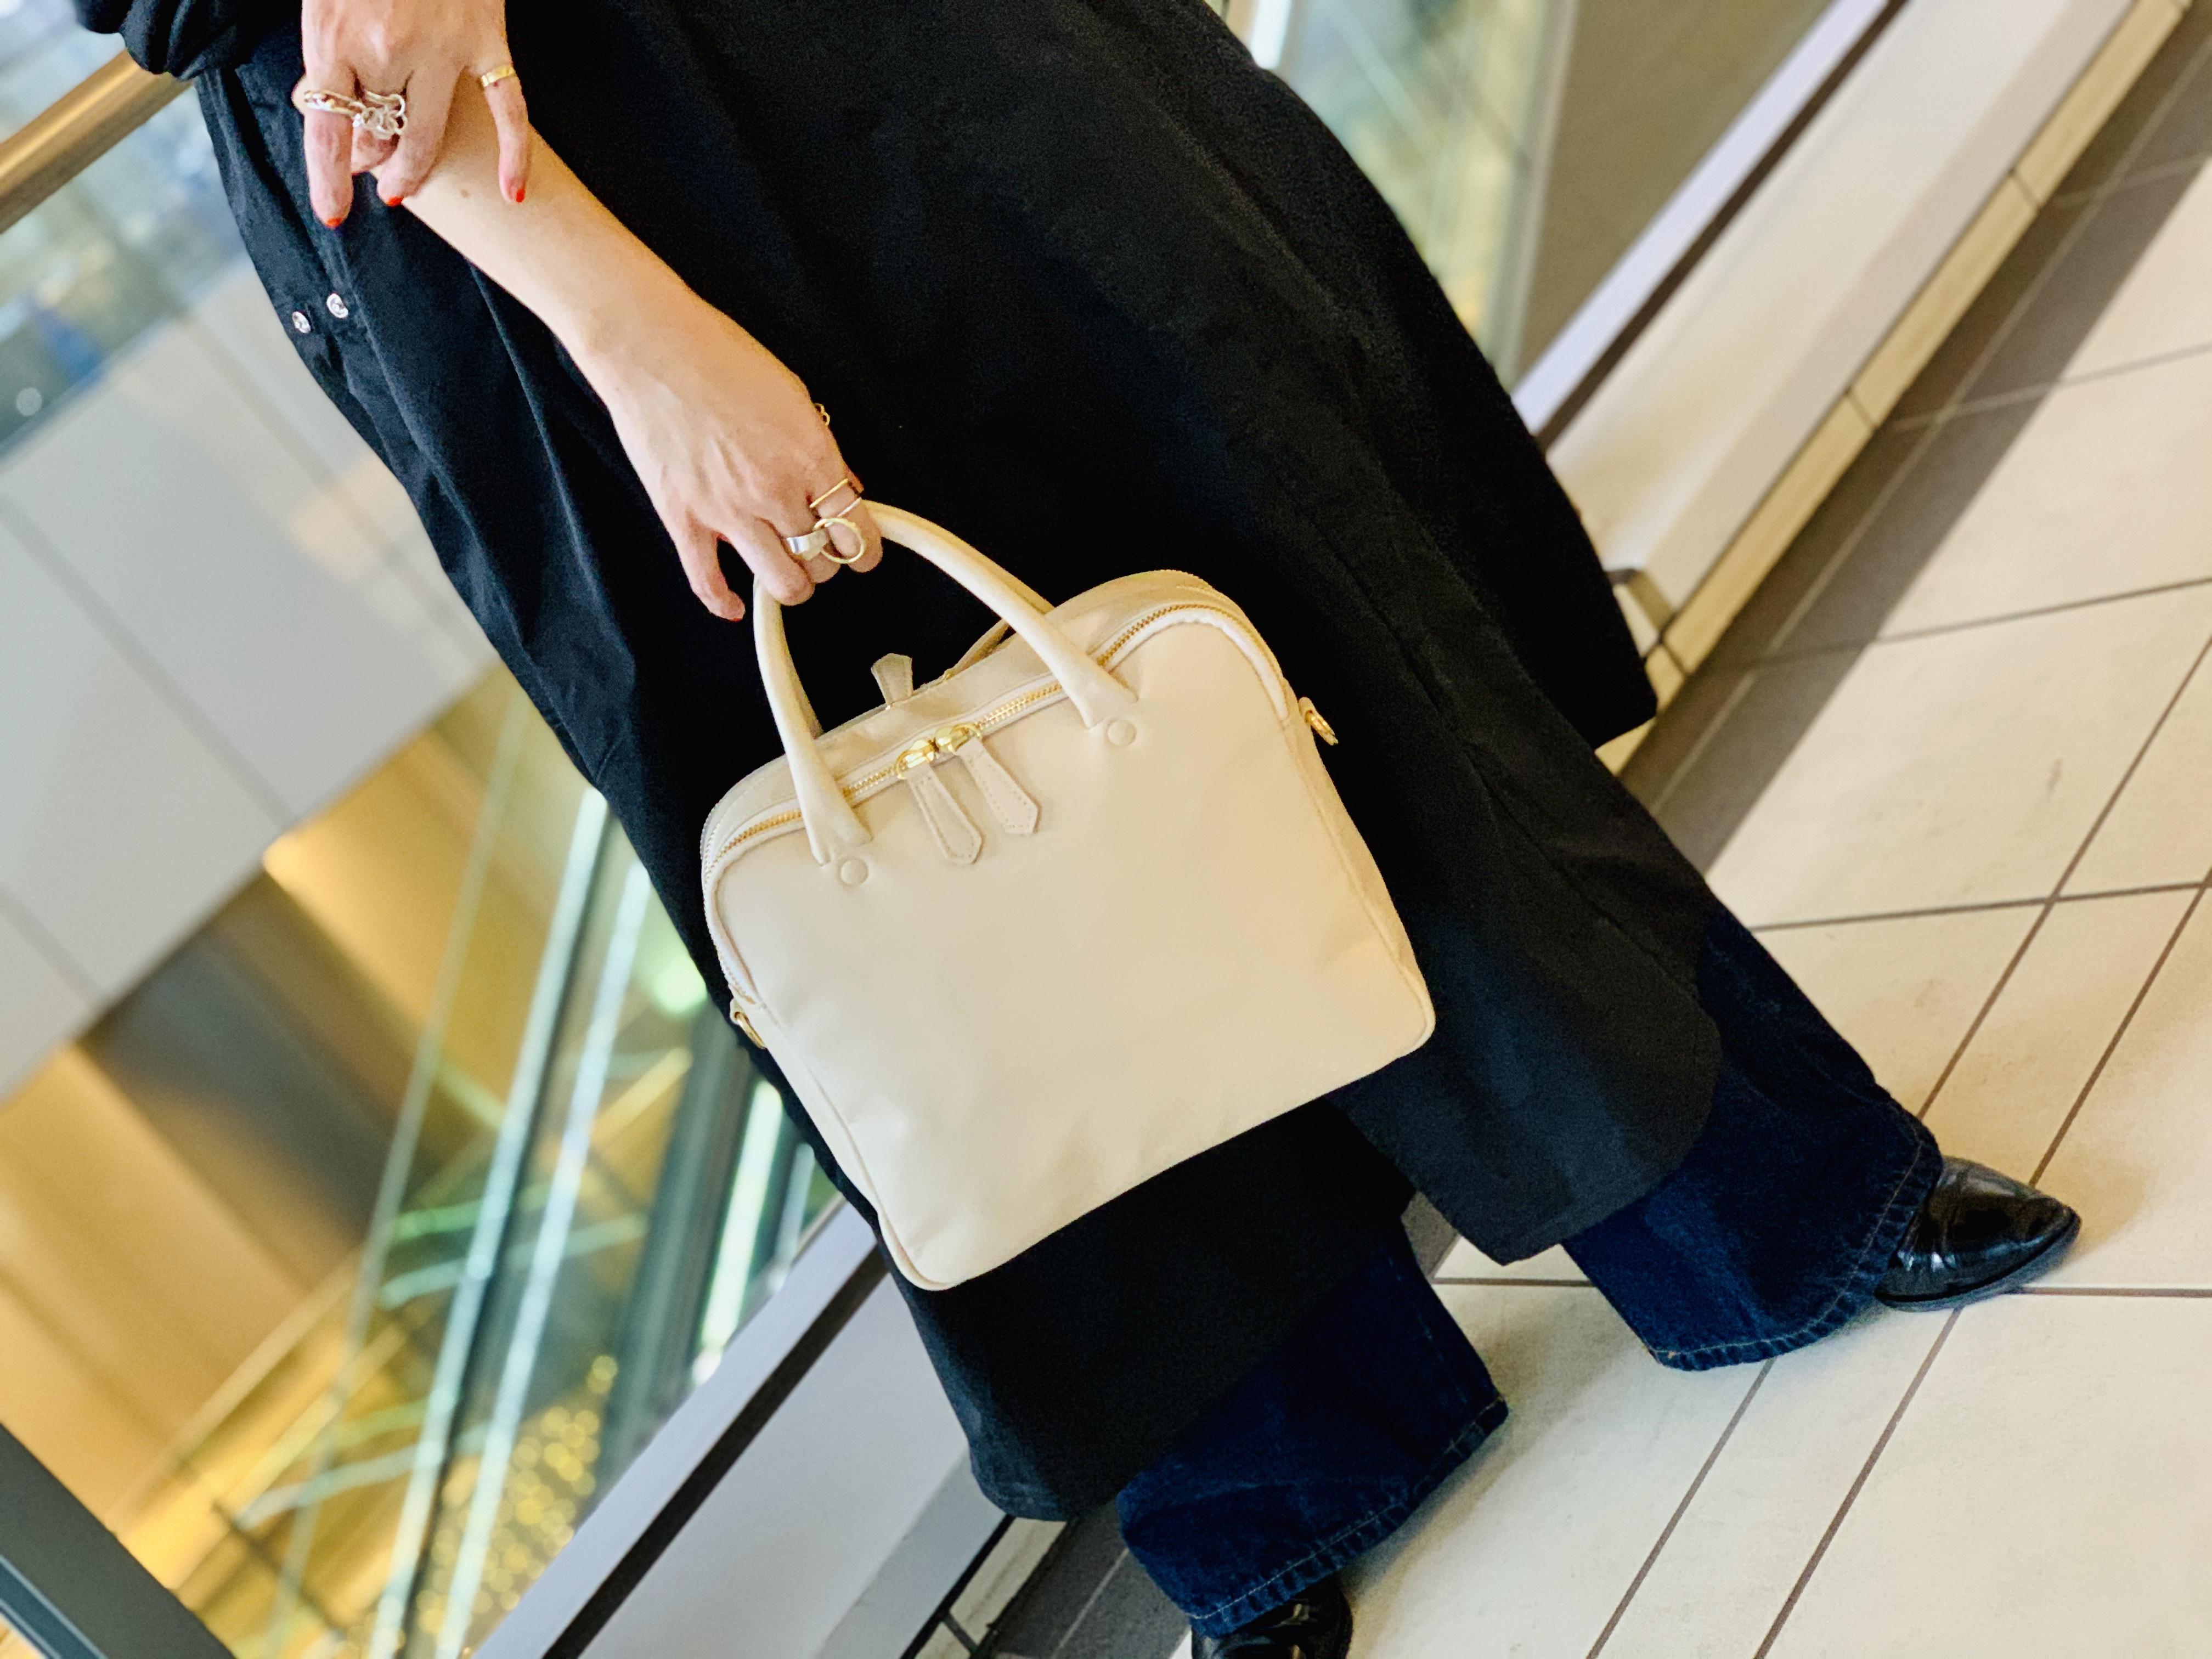 スクラップブック 渋谷 ヒカリエ bag バッグ ポンタタ POMATATA トートバッグ バッグ 日本製 牛革